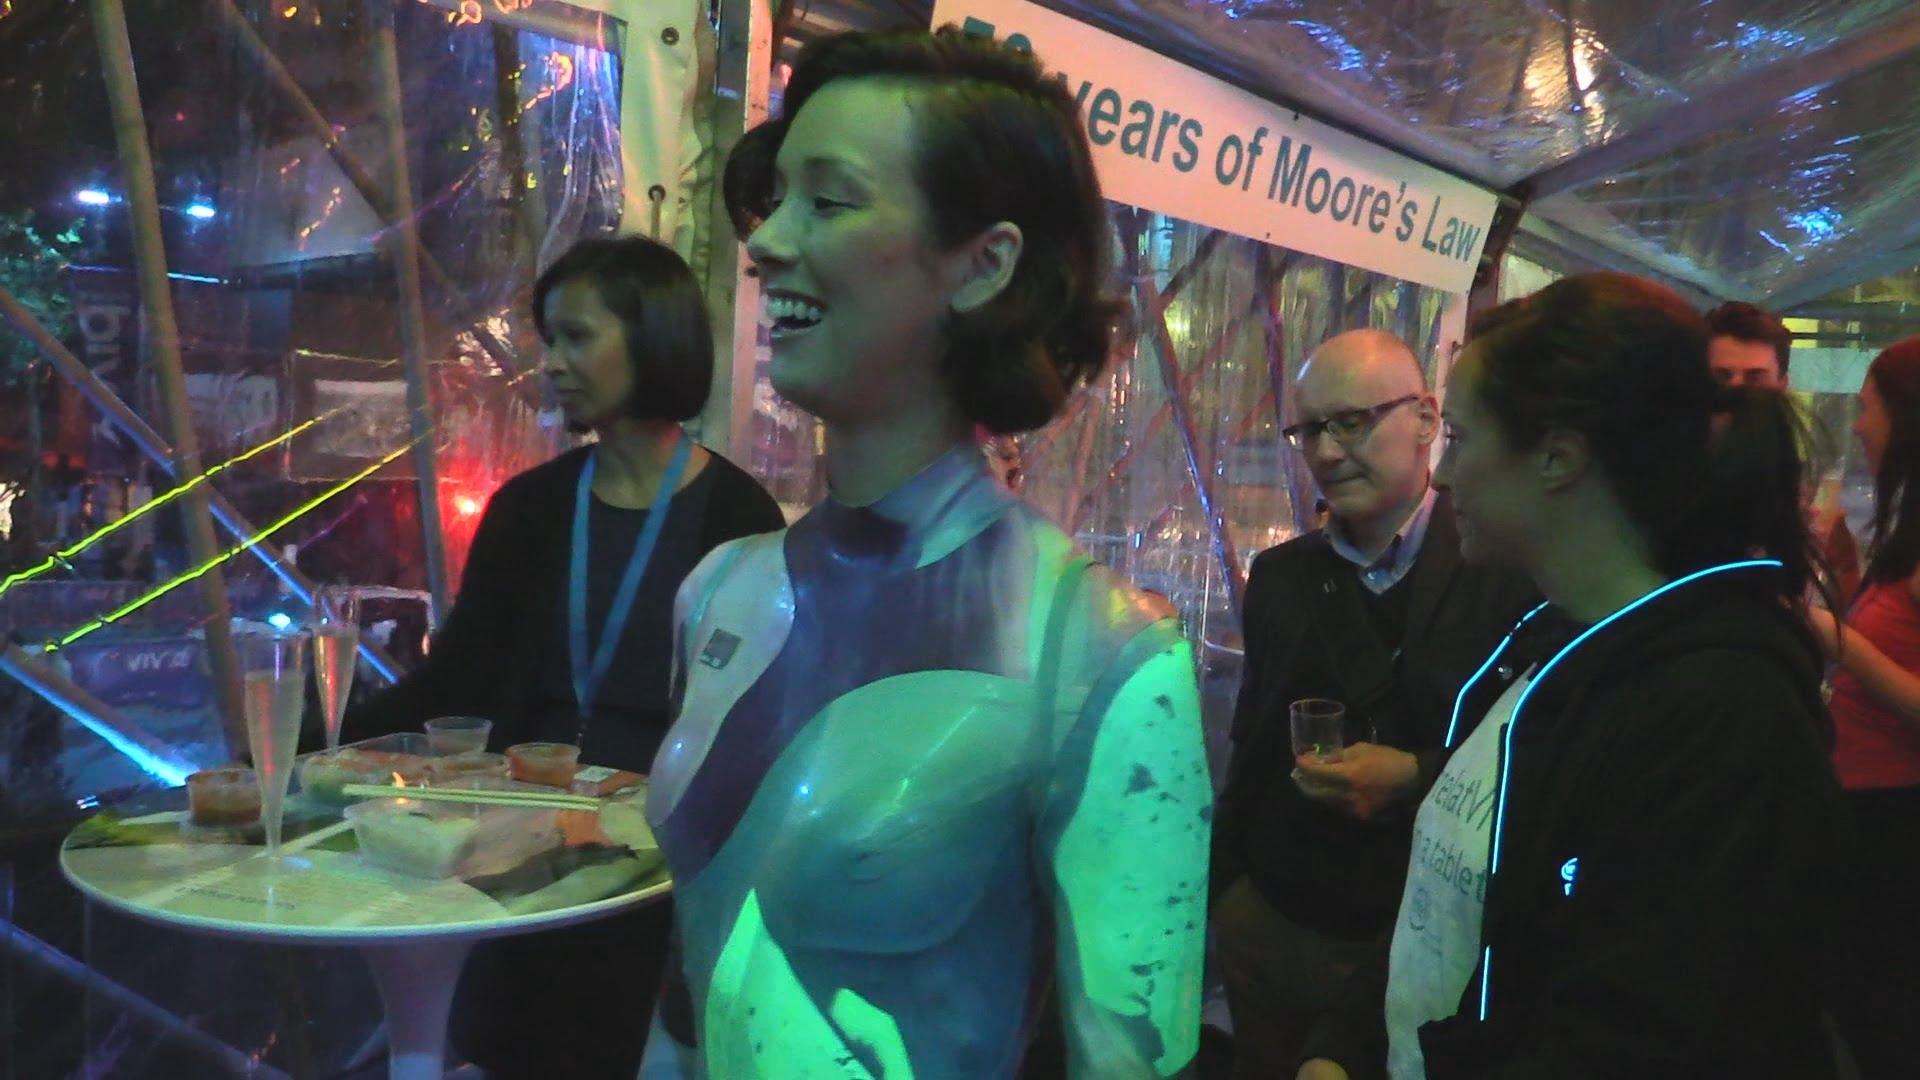 EEVblog #766 – Vivid Sydney 2015 Light Festival